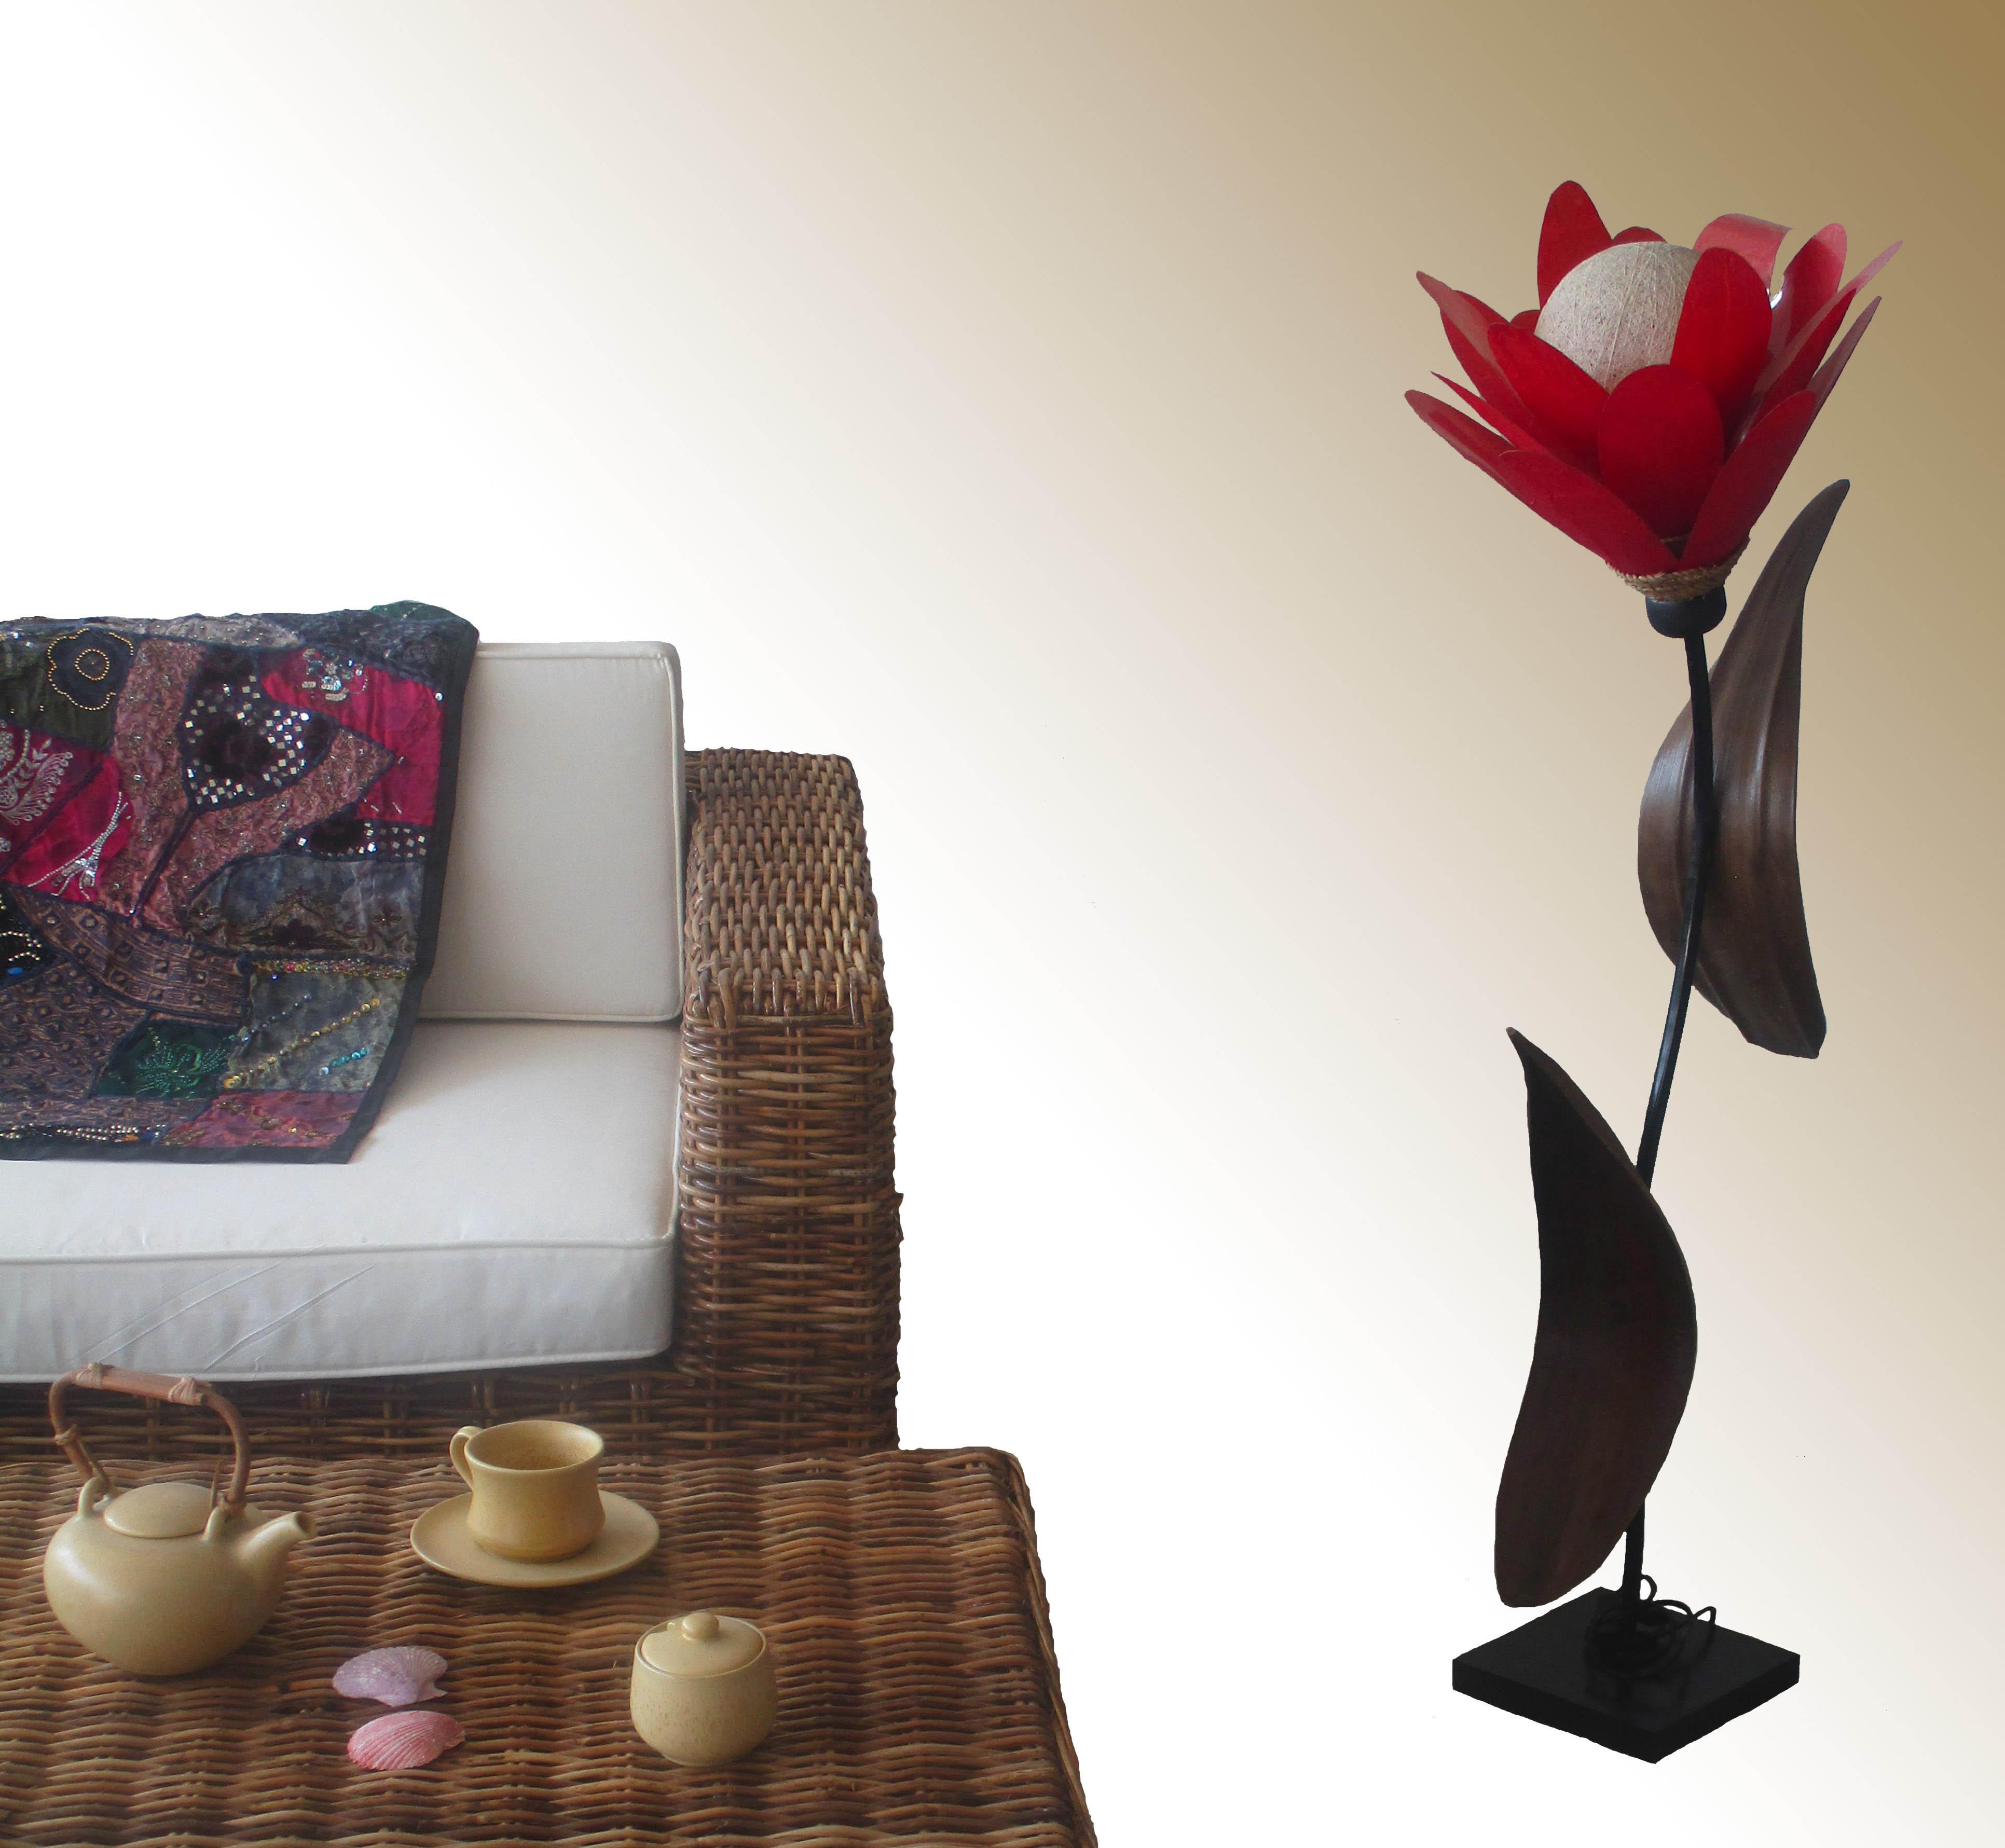 lampade-etniche-complementi-arredo